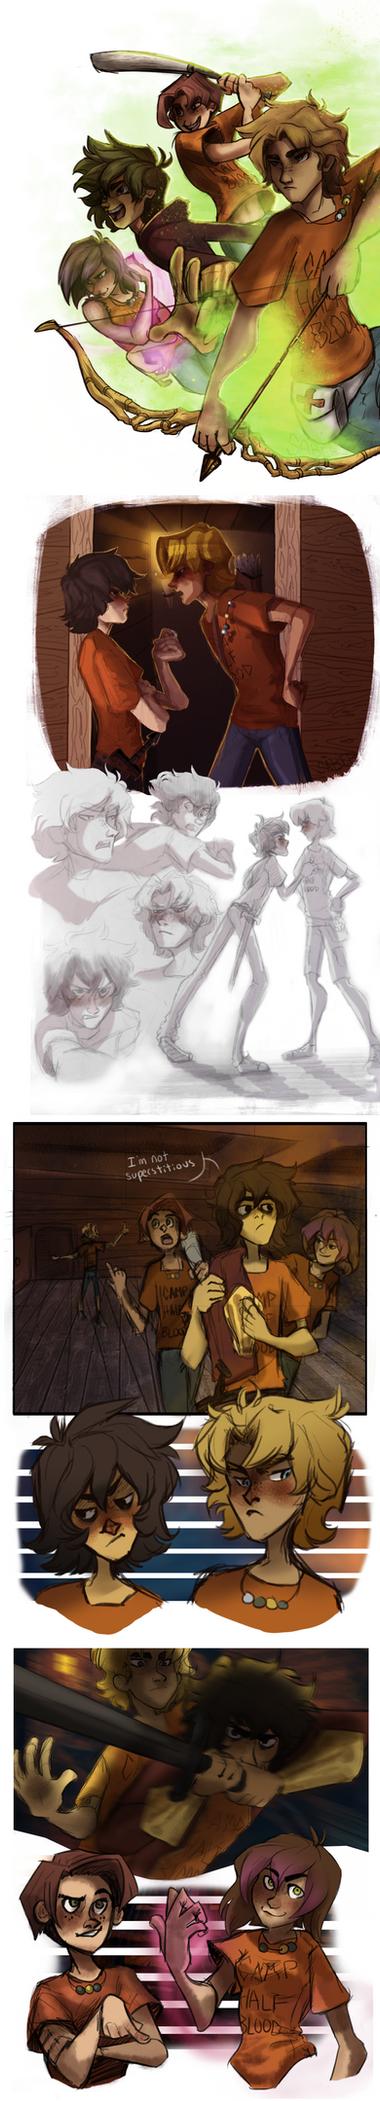 The Quest to Reignite Delphi .:. Pirates by sjsaberfan